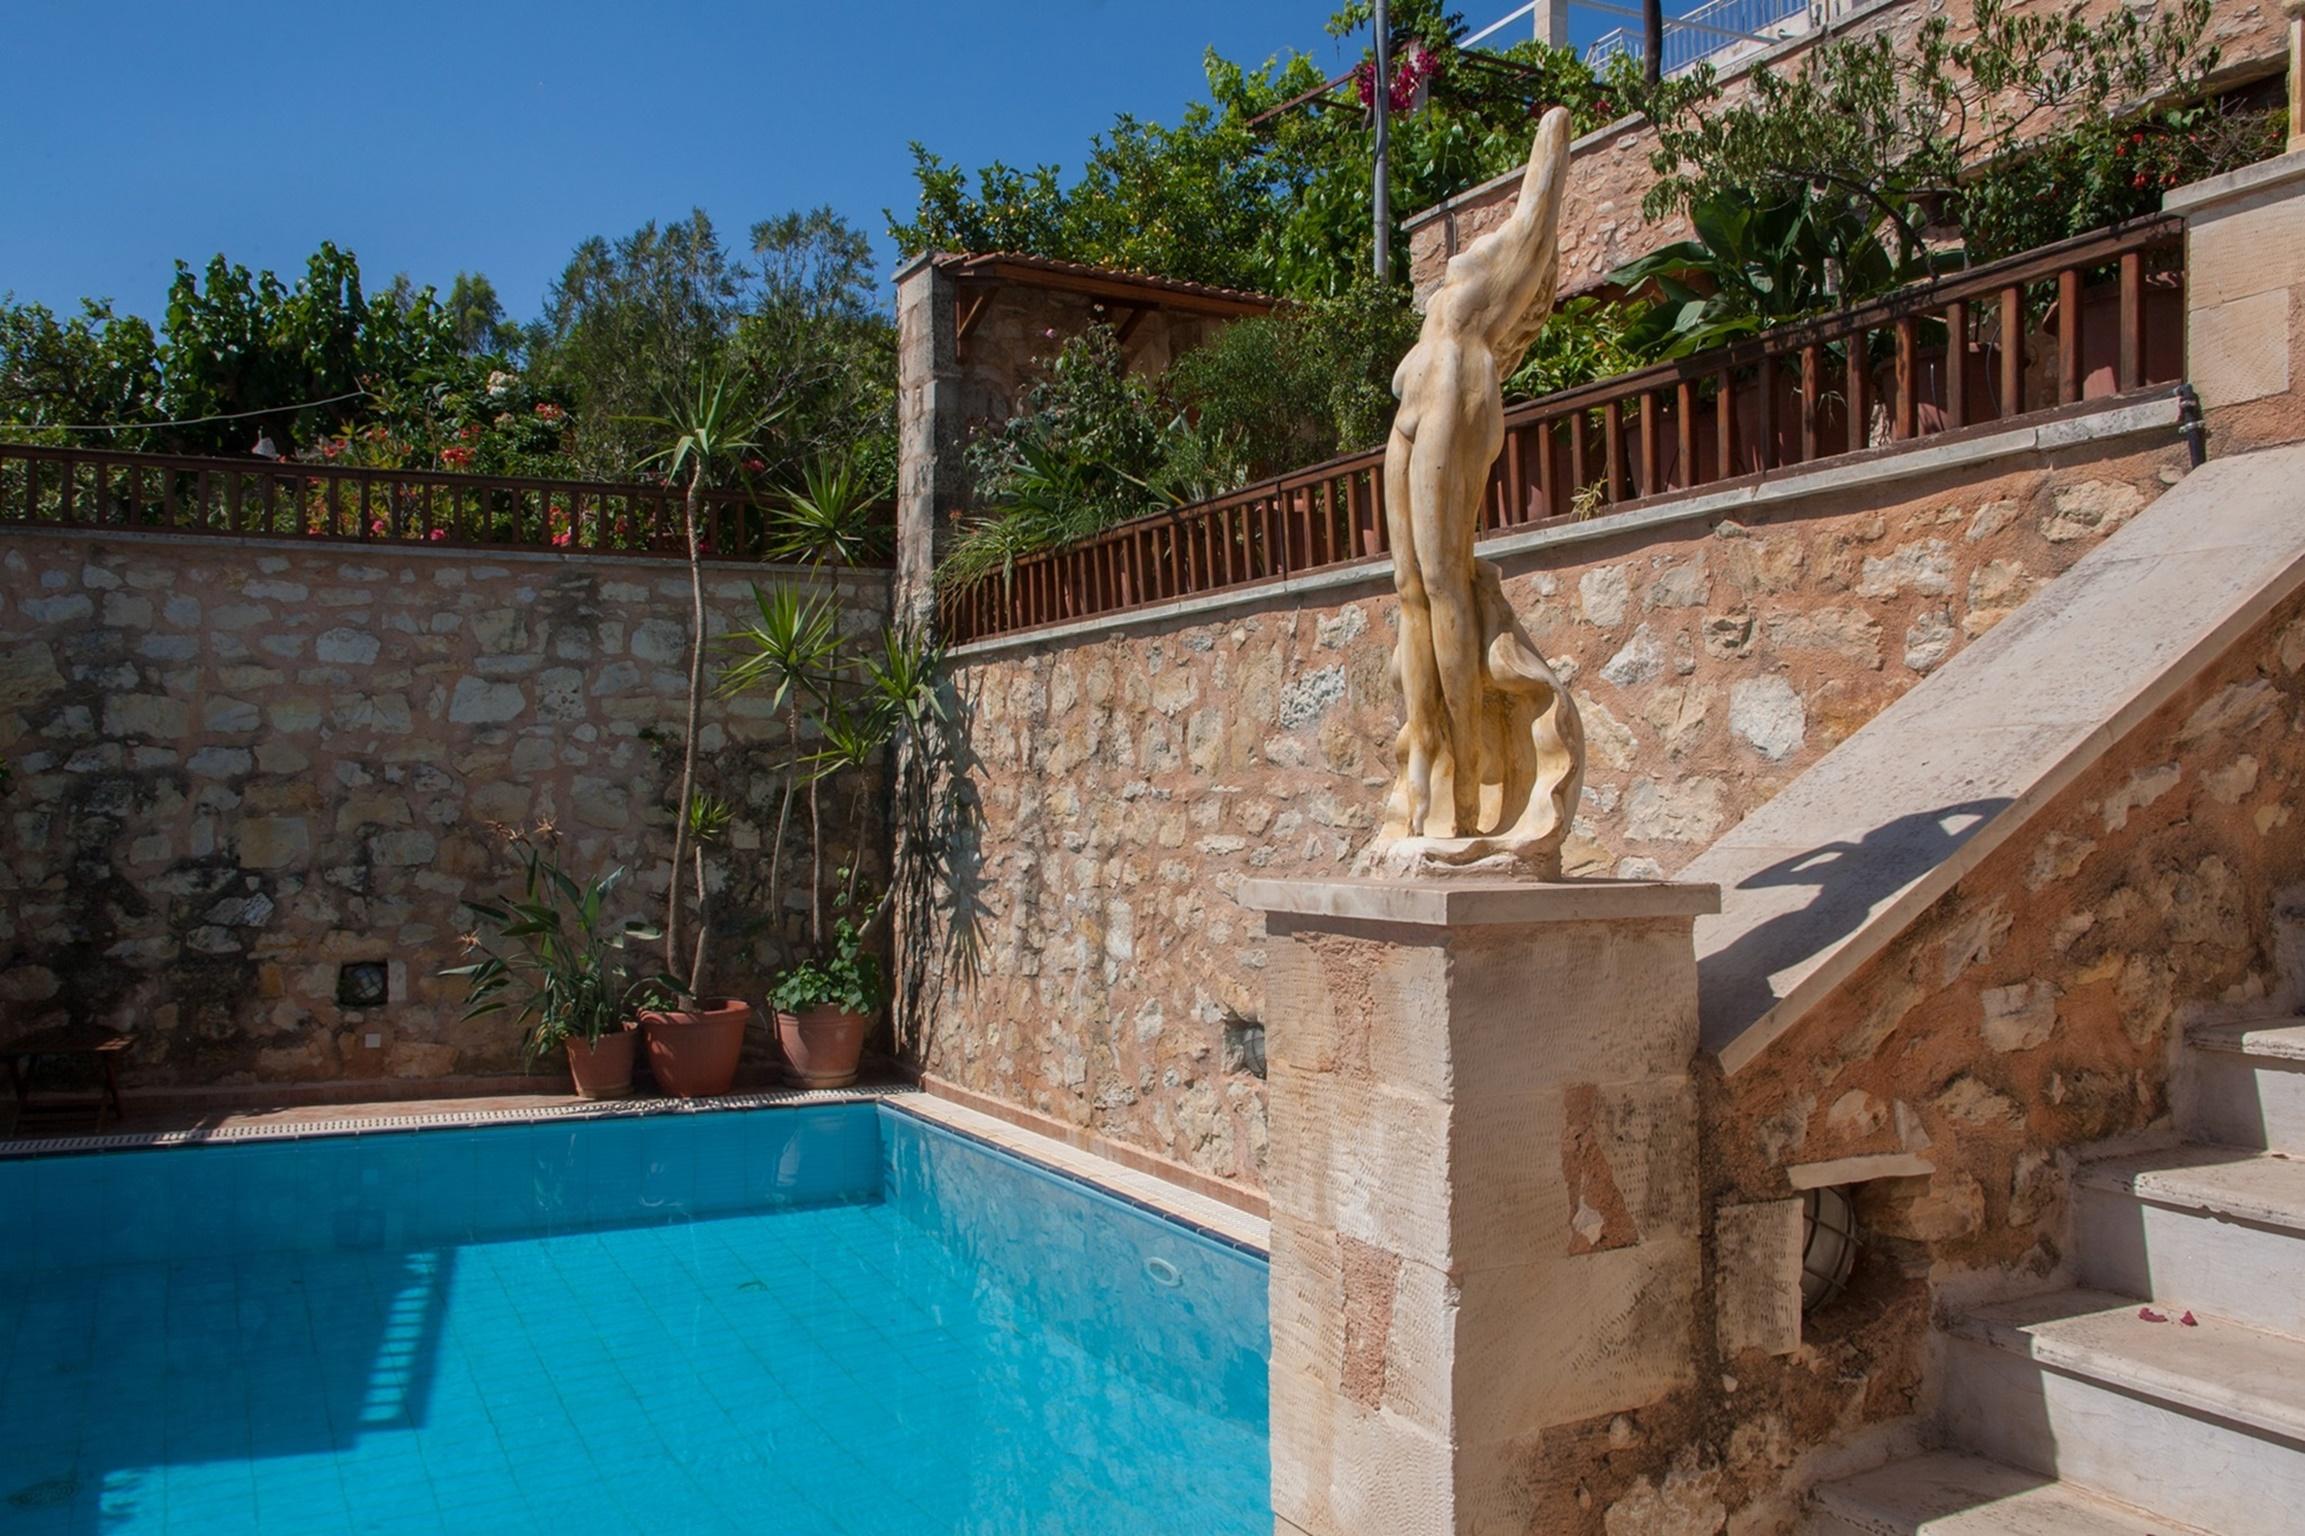 Ferienhaus Haus und Studio annektiert - Ideal groe Familien - kleines Dorf, nahe Strnde (2598996), Neon Khorion Kriti, Kreta Nordküste, Kreta, Griechenland, Bild 3